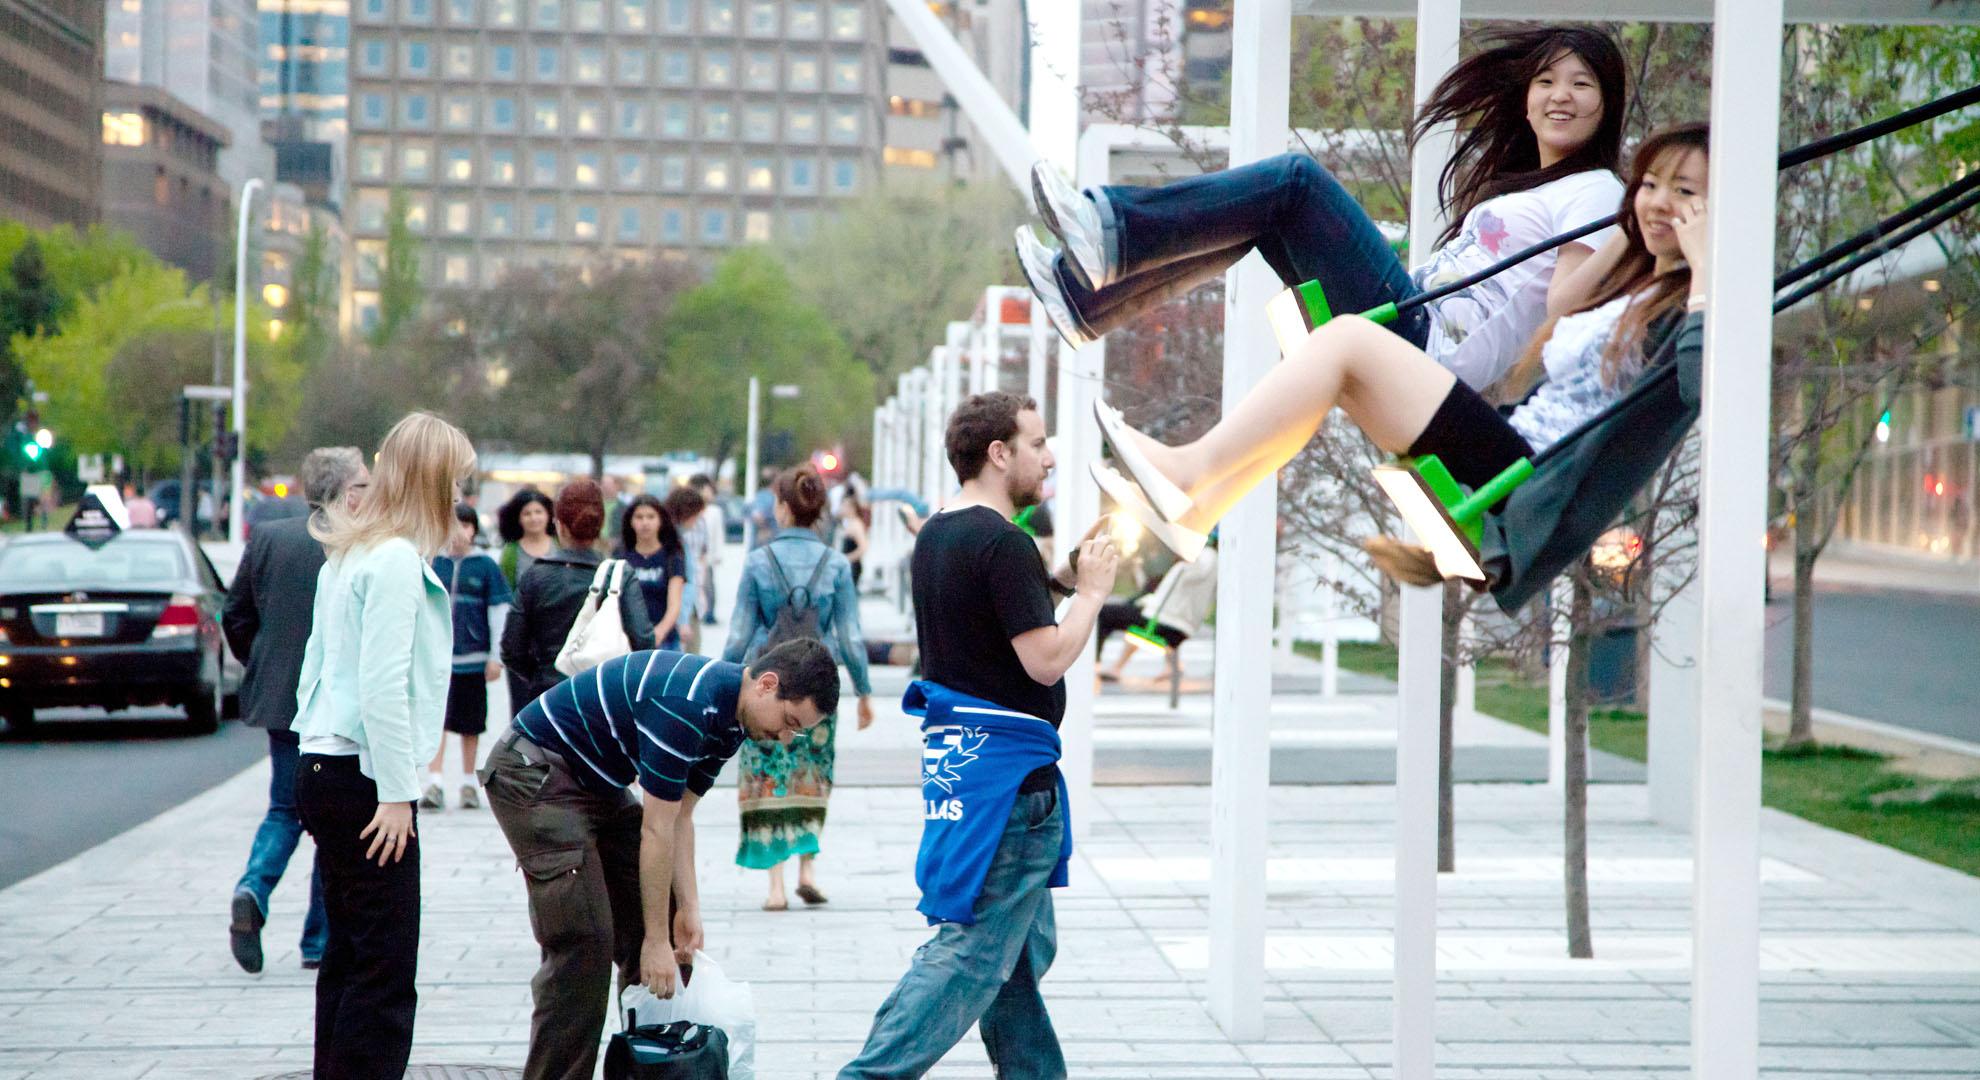 Columpios en el espacio público de Montreal.